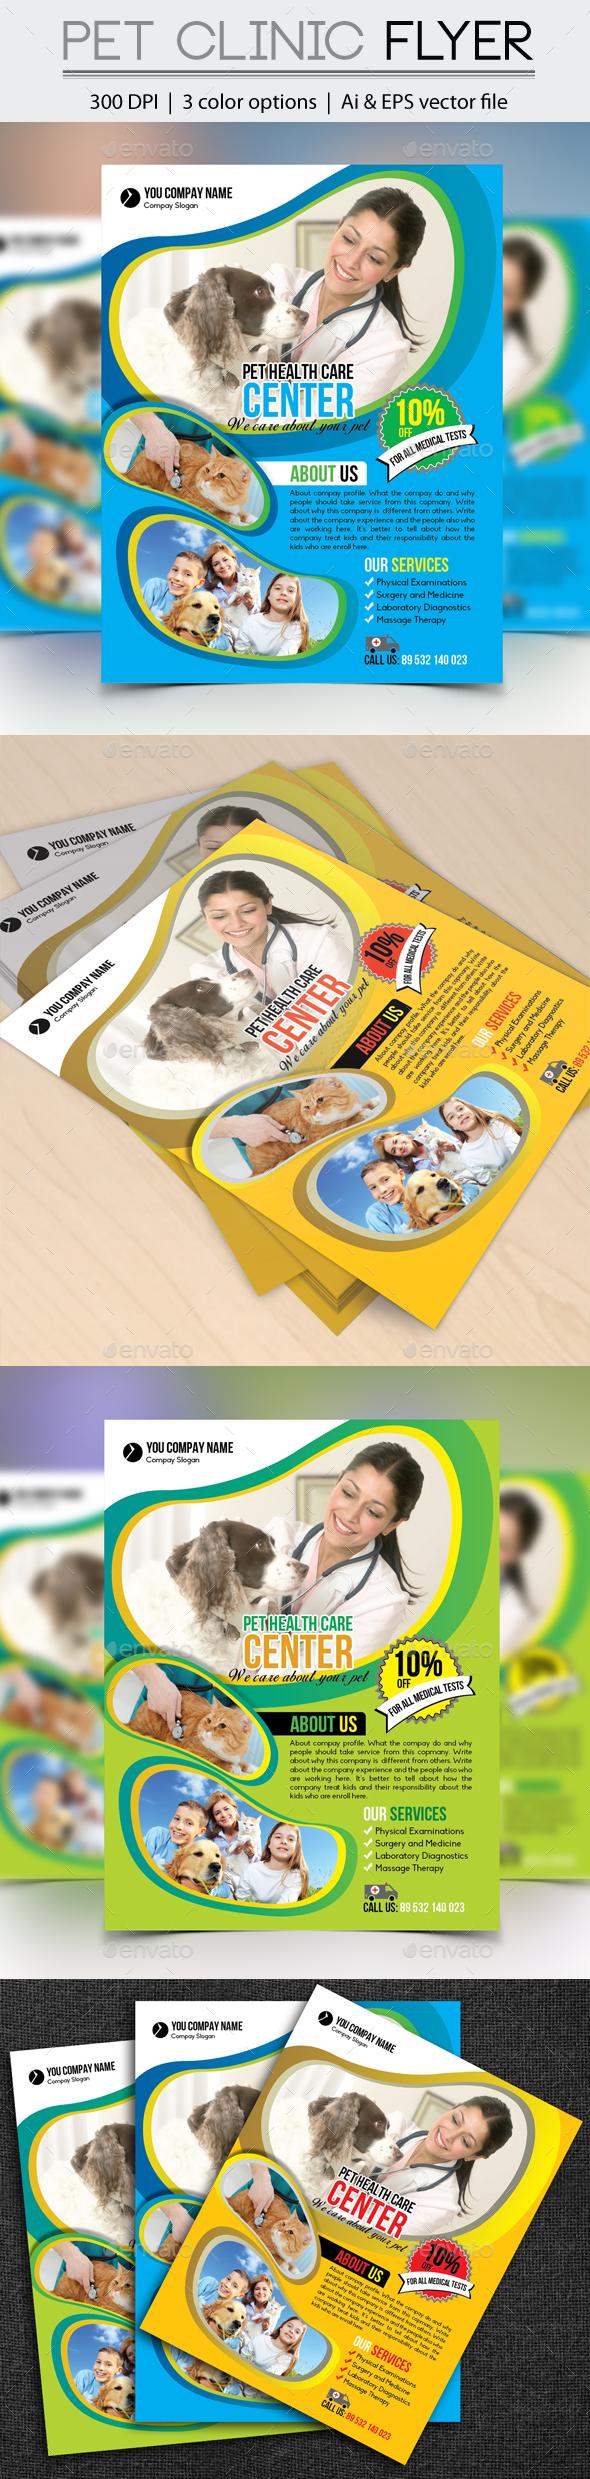 Pet Clinic Flyer - Flyers Print Templates